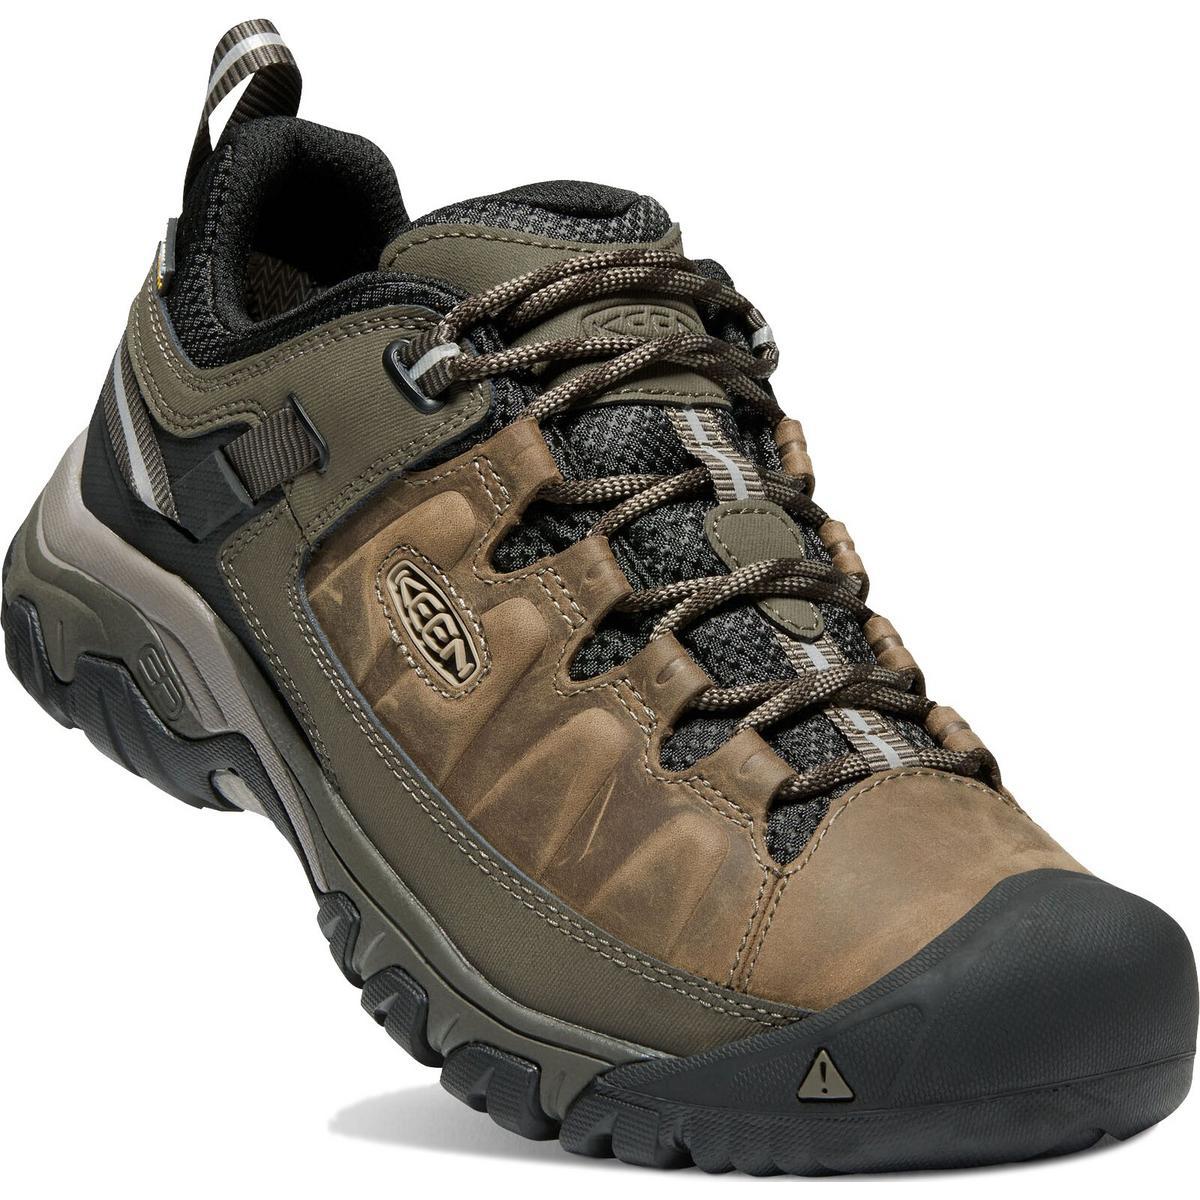 Keen Shoes Men's Targhee III WP Black Olive/Golden Brown